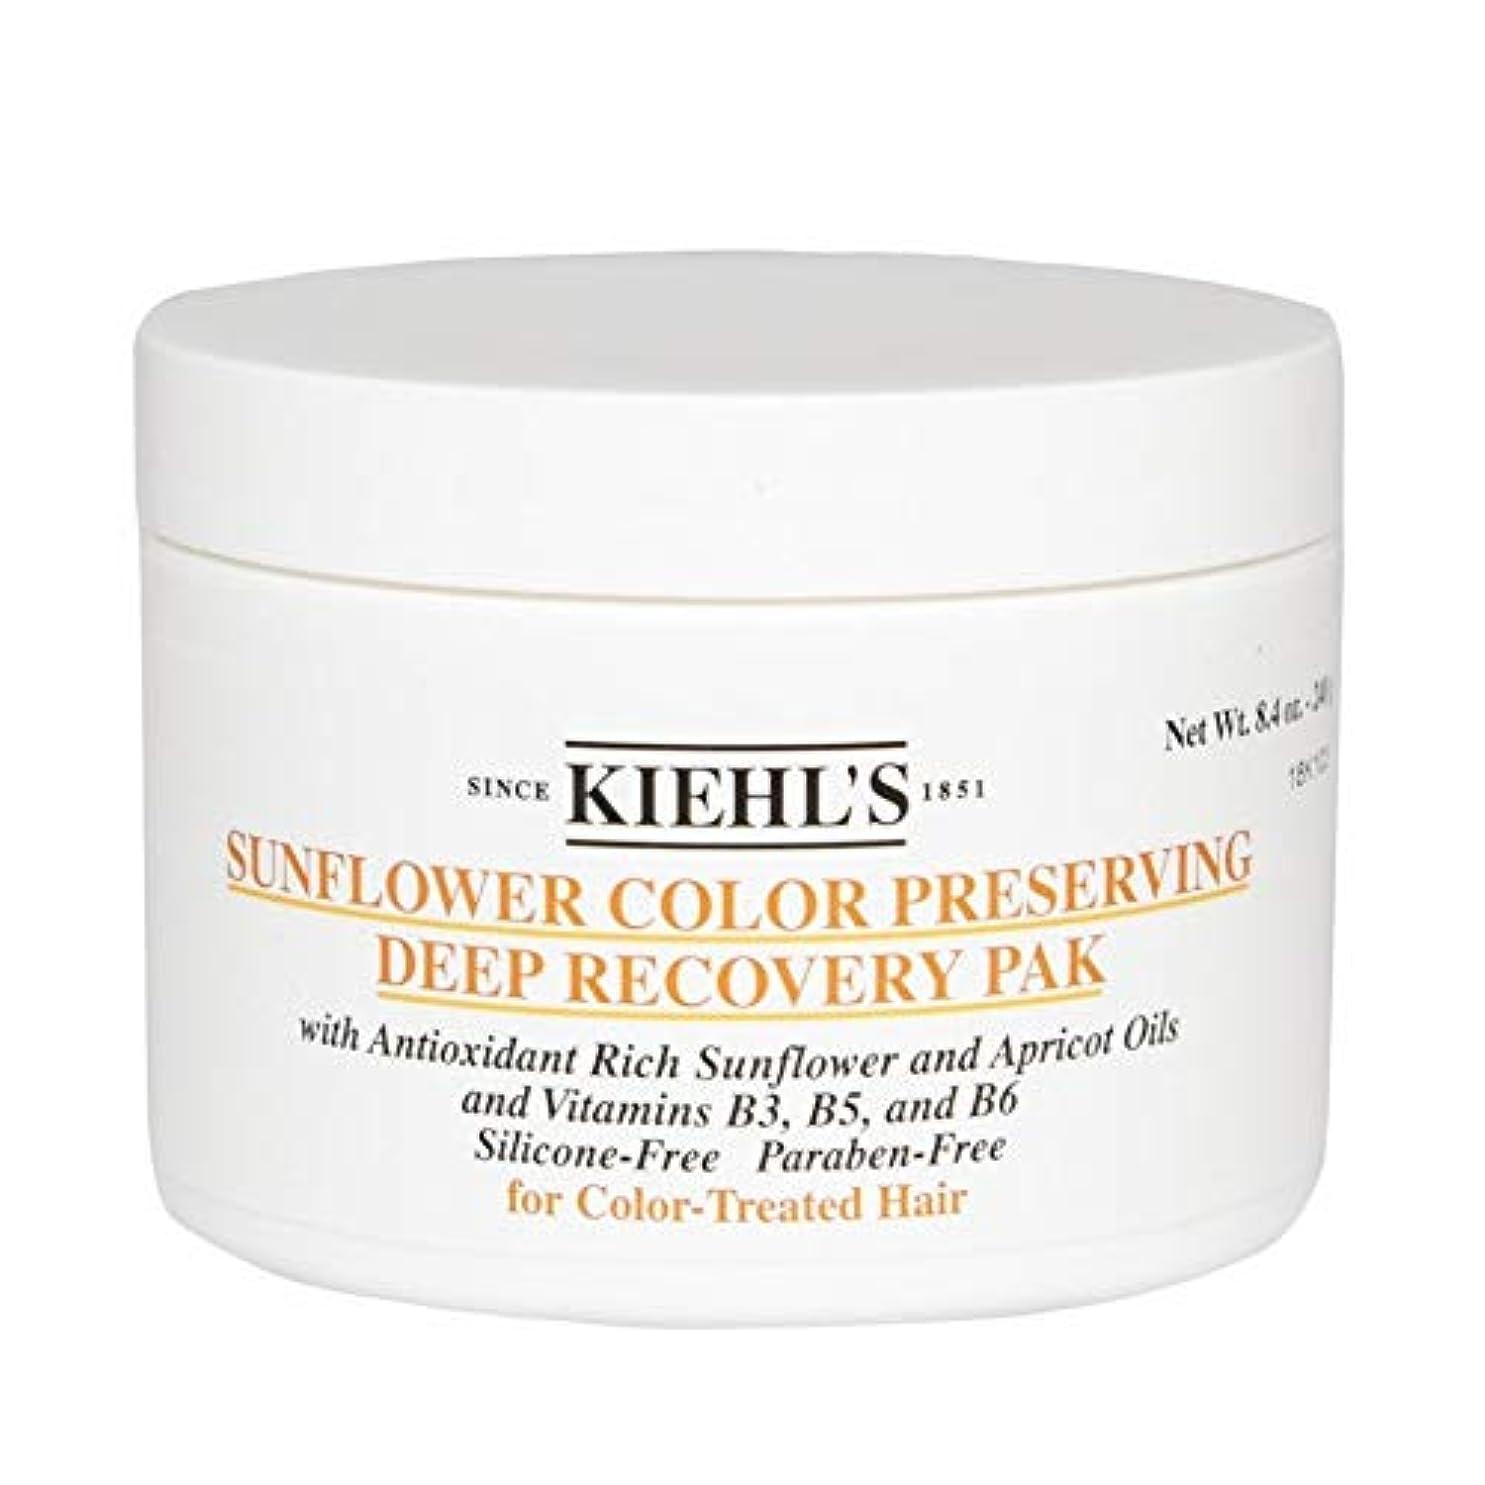 棚ガム宿題[Kiehl's ] キールズひまわり色保存深い回復Pak 250グラム - Kiehl's Sunflower Colour Preserving Deep Recovery Pak 250g [並行輸入品]